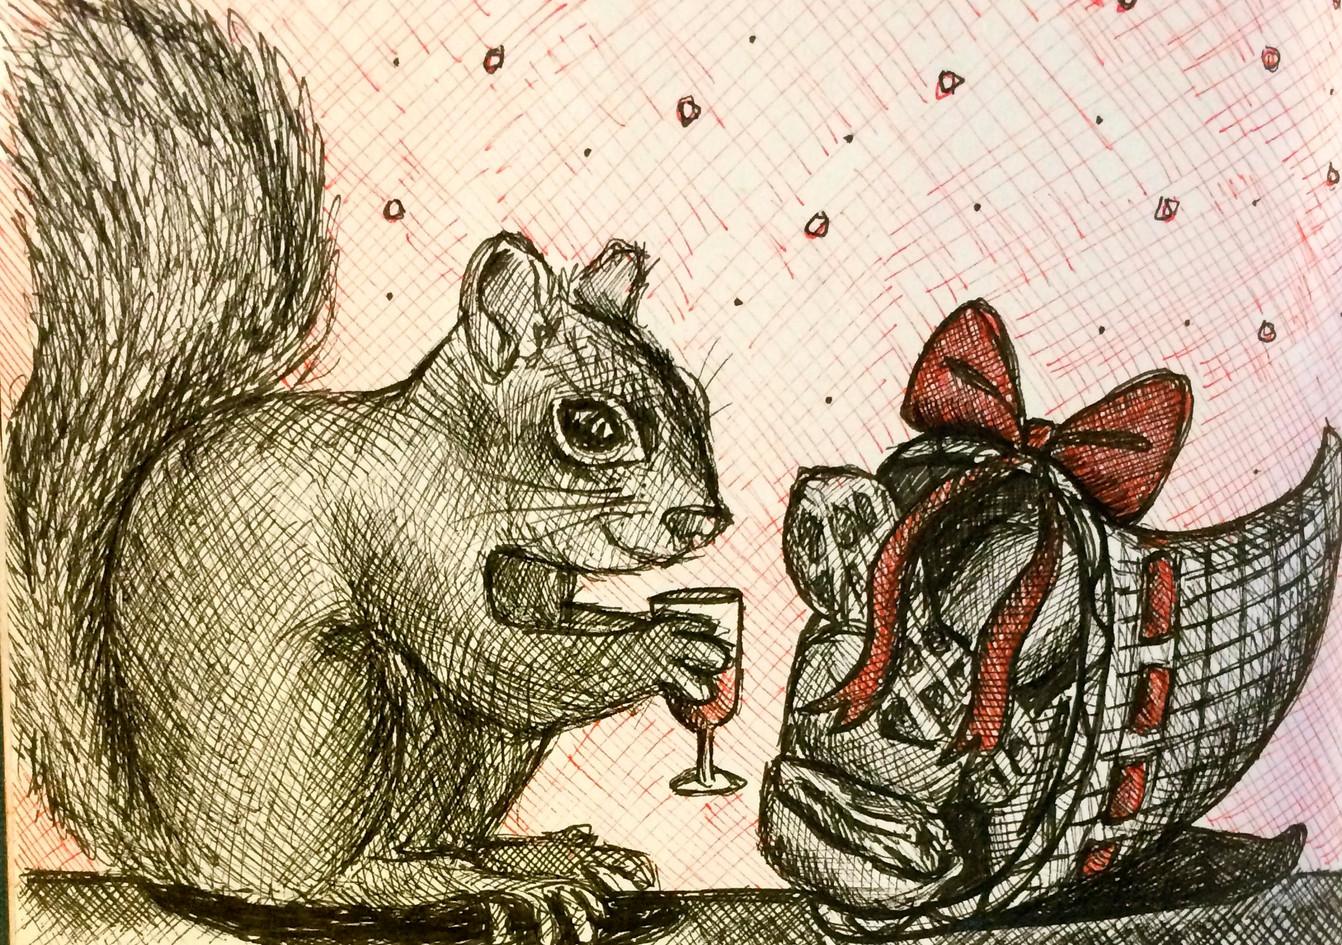 Squirrel Appreciation Day